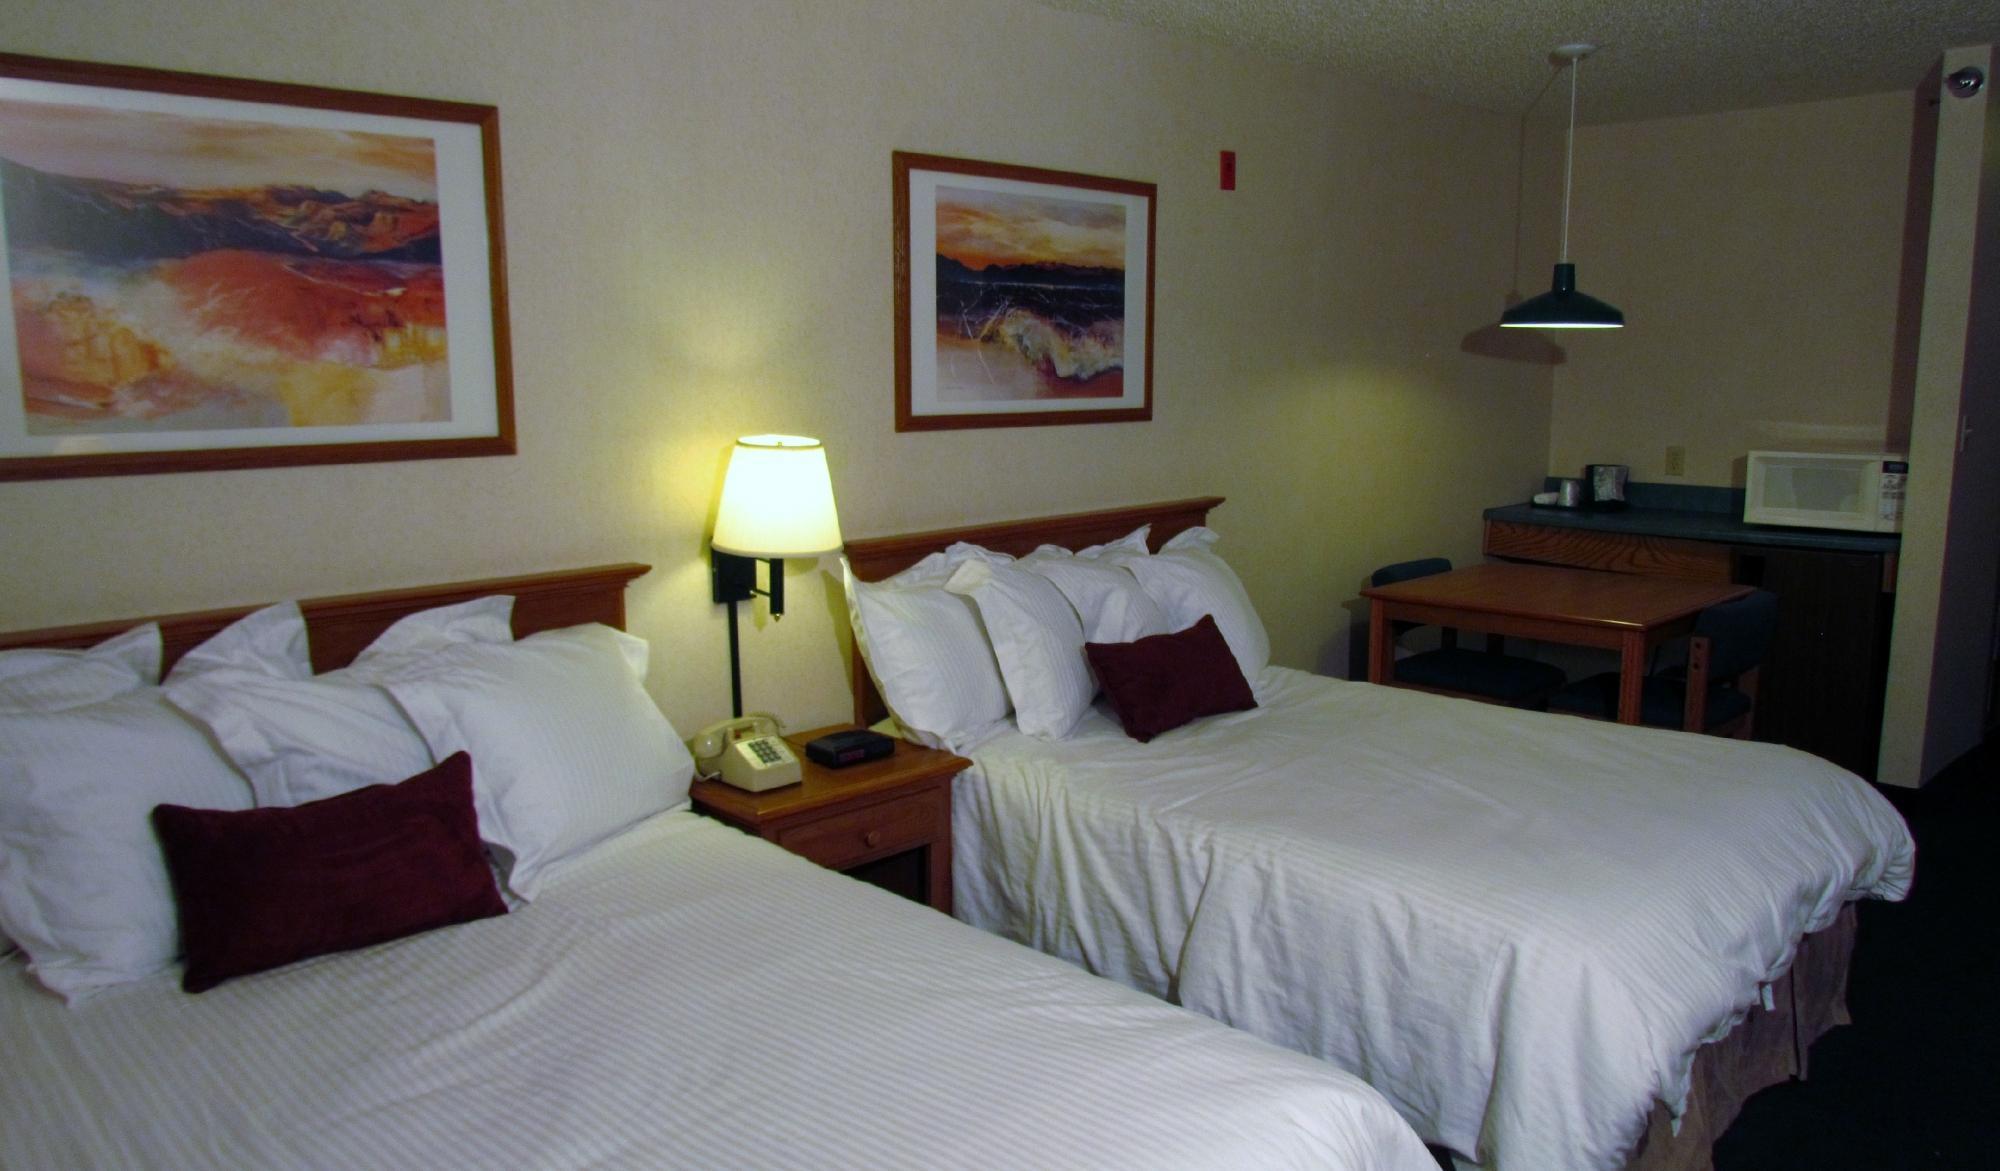 阿爾派恩斜坡旅館